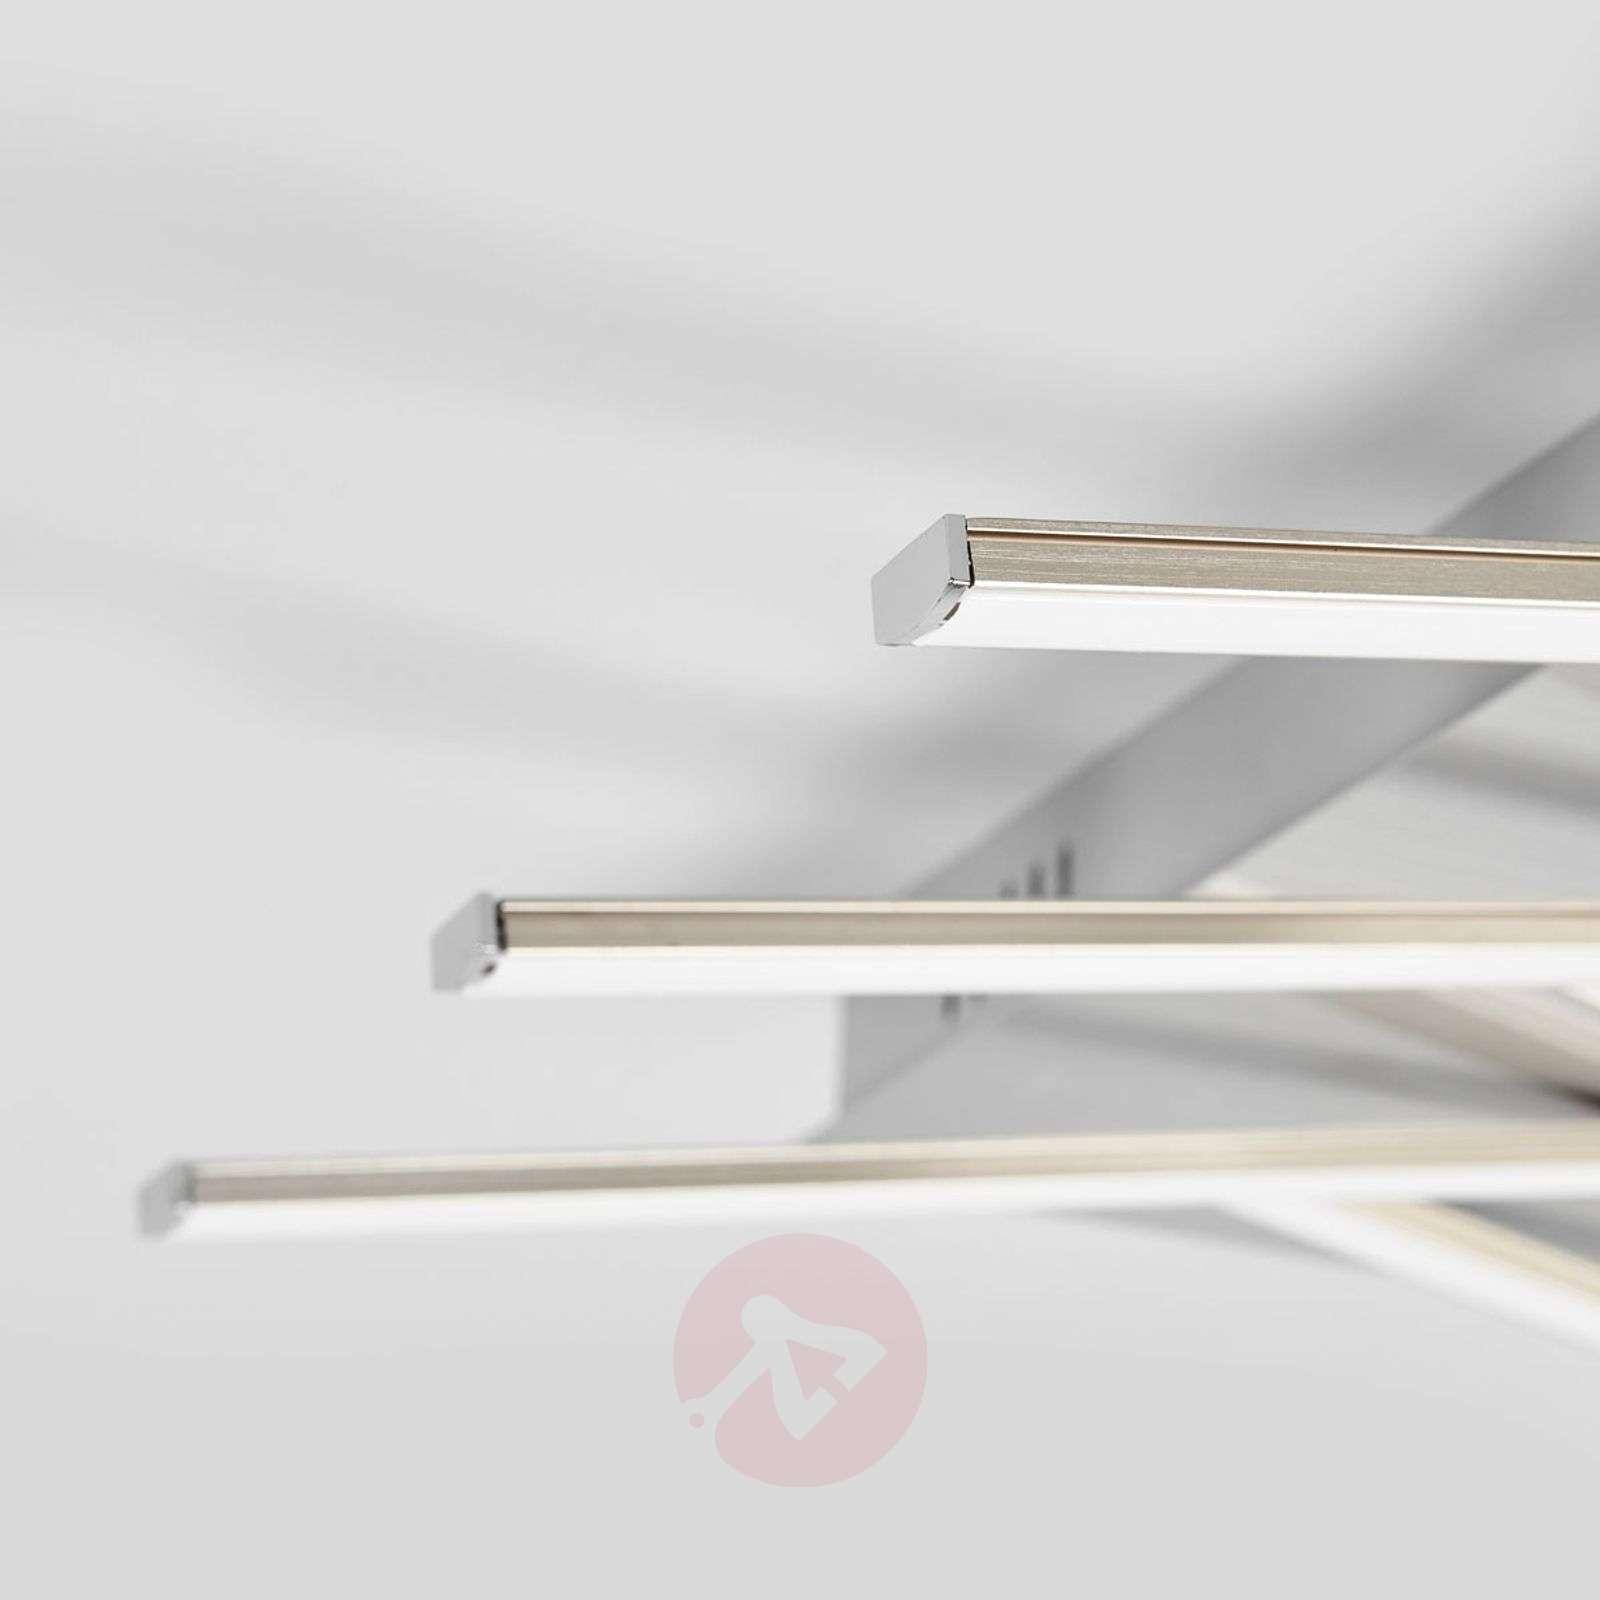 Lenhard dimmable LED ceiling light, bright light-9985064-02